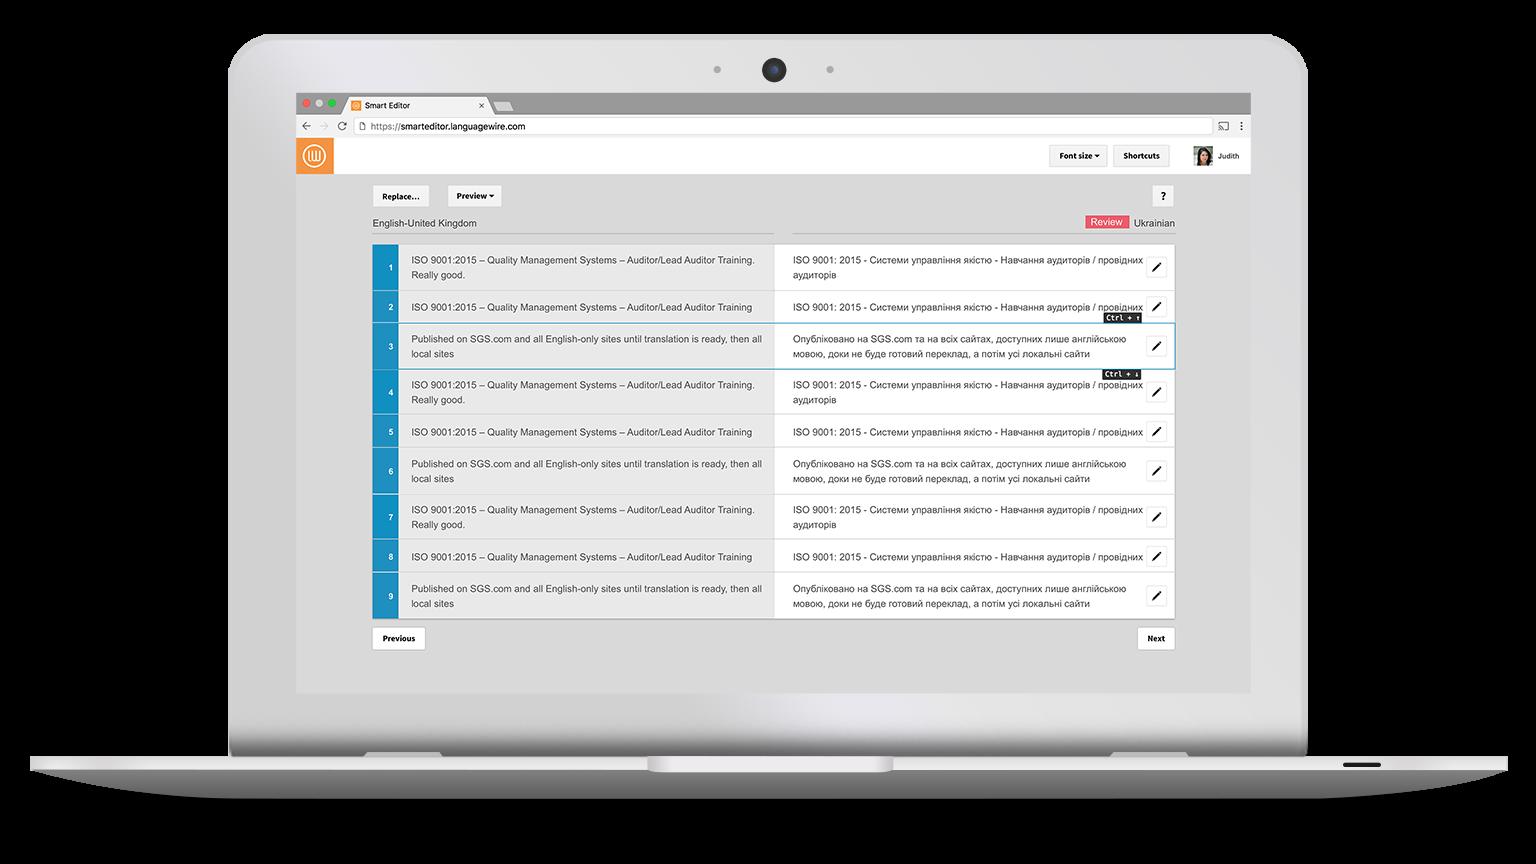 Validatorer foretager uden problemer review på indholdet i et webbaseret værktøj.